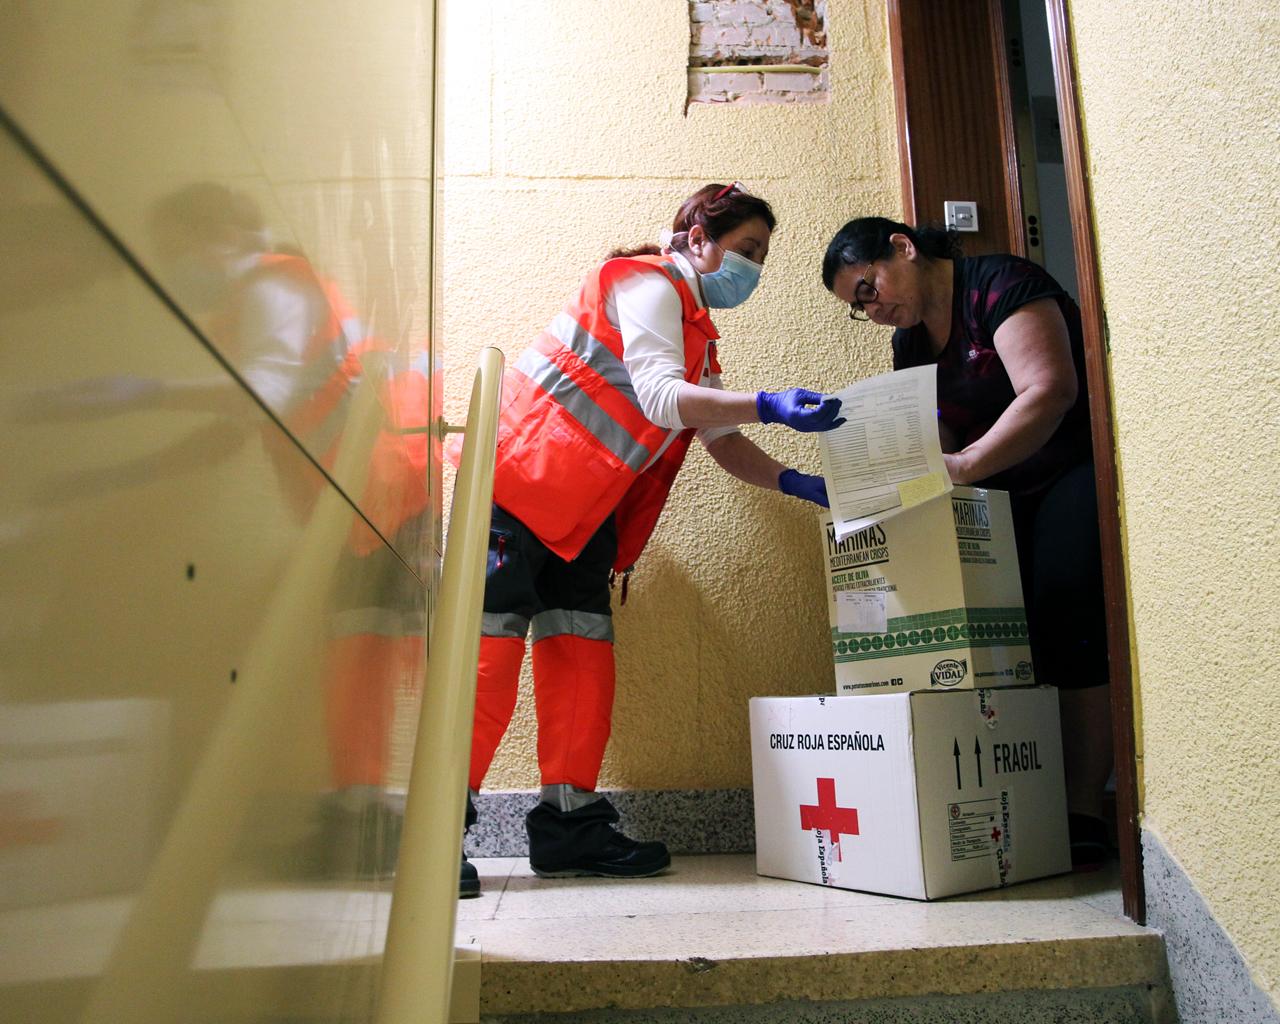 Dos voluntarias de Cruz Roja reparten comida a familias con necesidades en Getafe, Madrid. 08/05/2020.